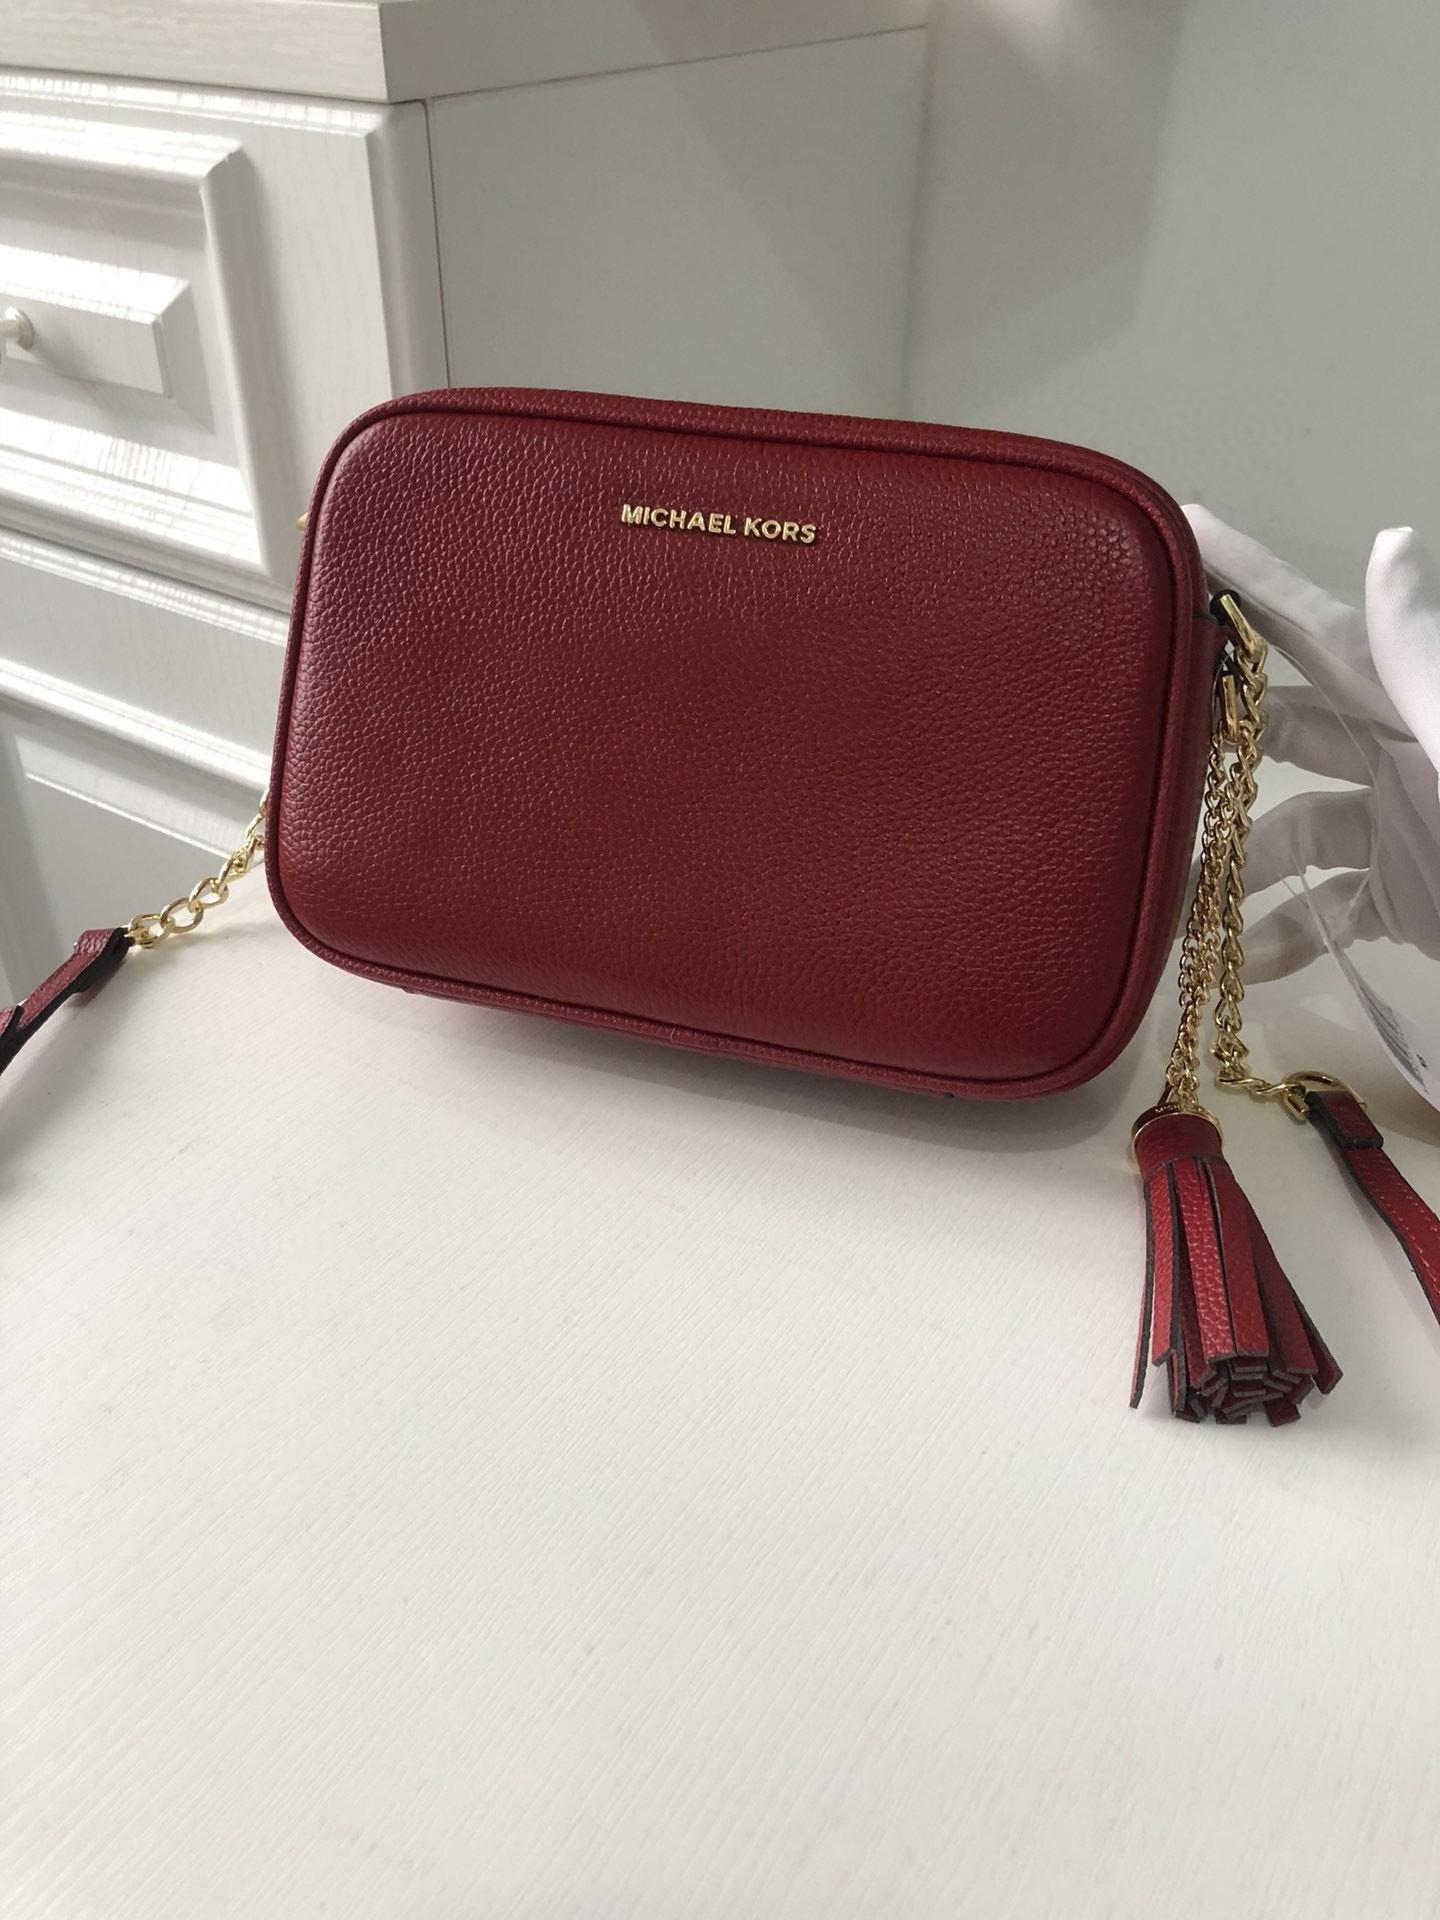 DORANMI cubo del bolso de las mujeres Bolsos 2020 Diseñado remiendo forma de barril de hombro Messenger Bag Bolsos Mujer BG751 # 477